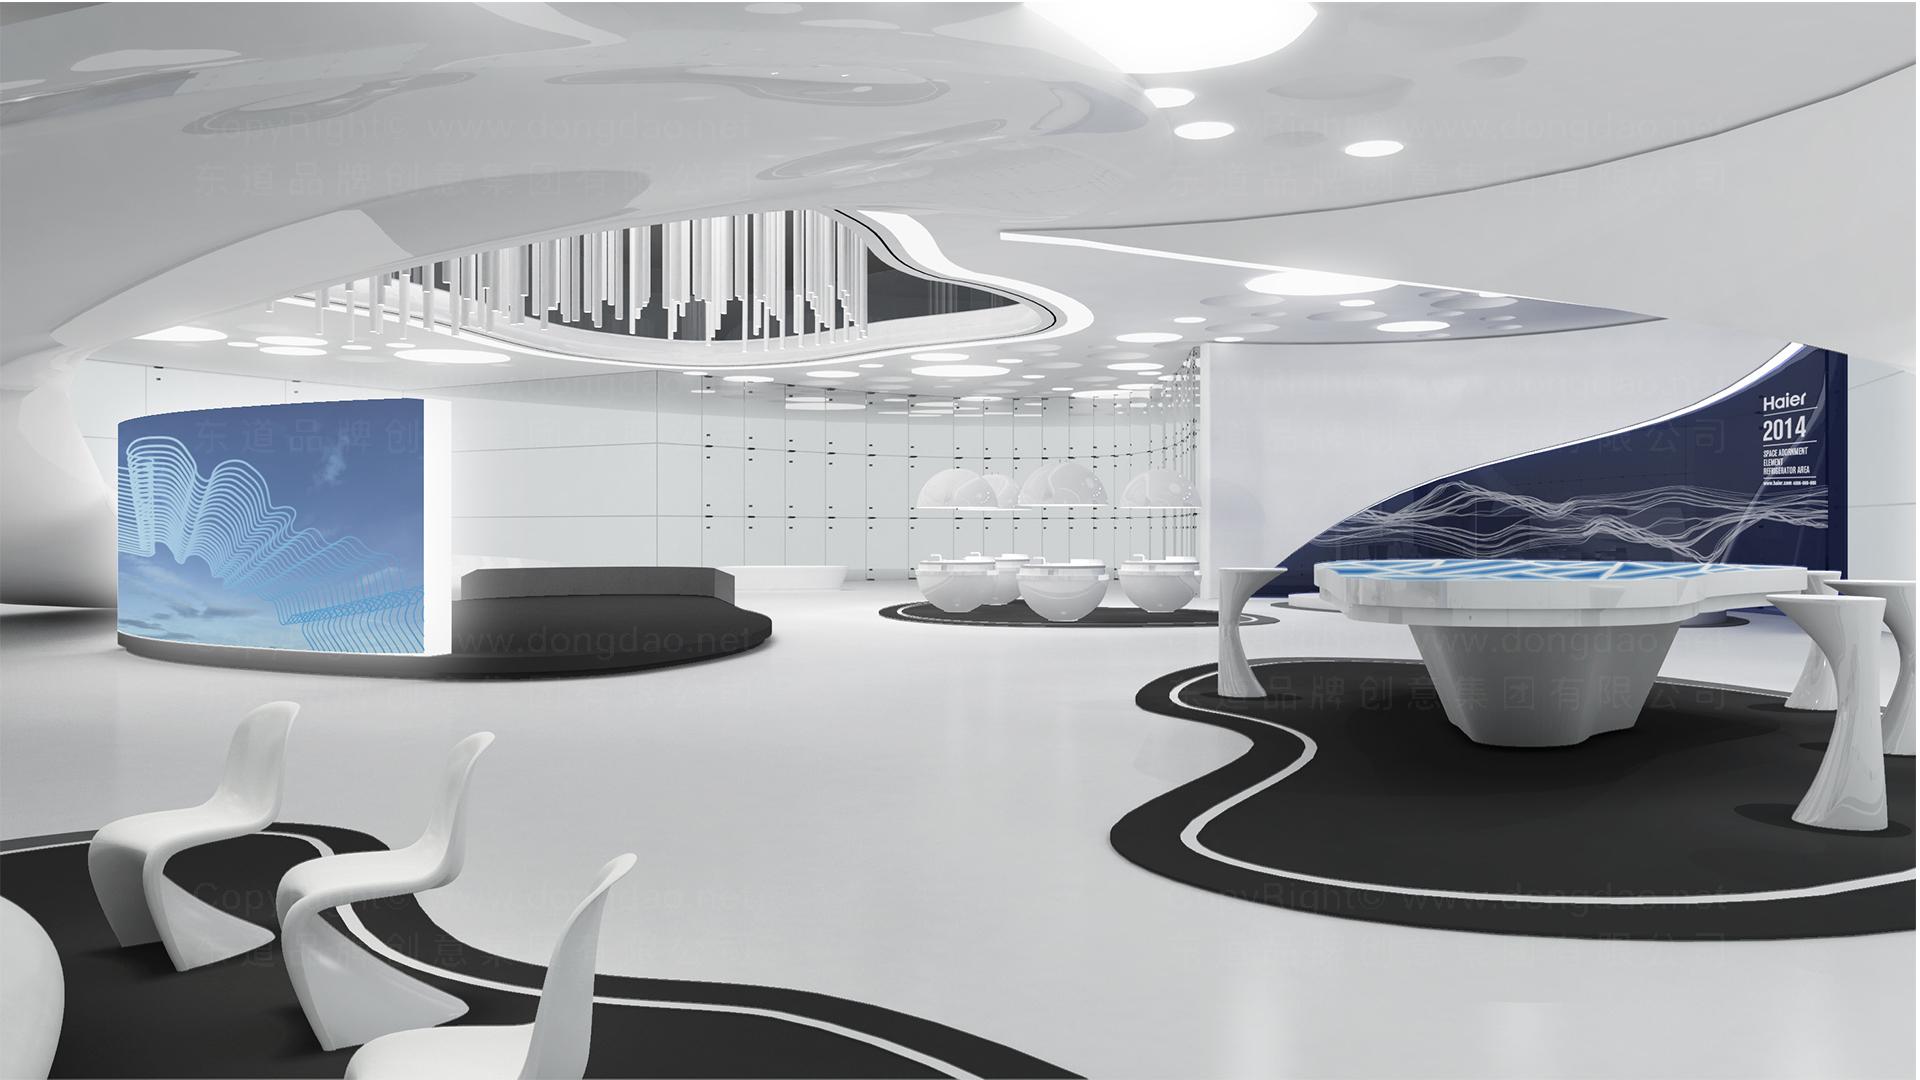 商业空间&导示海尔海尔旗舰店设计应用场景_3